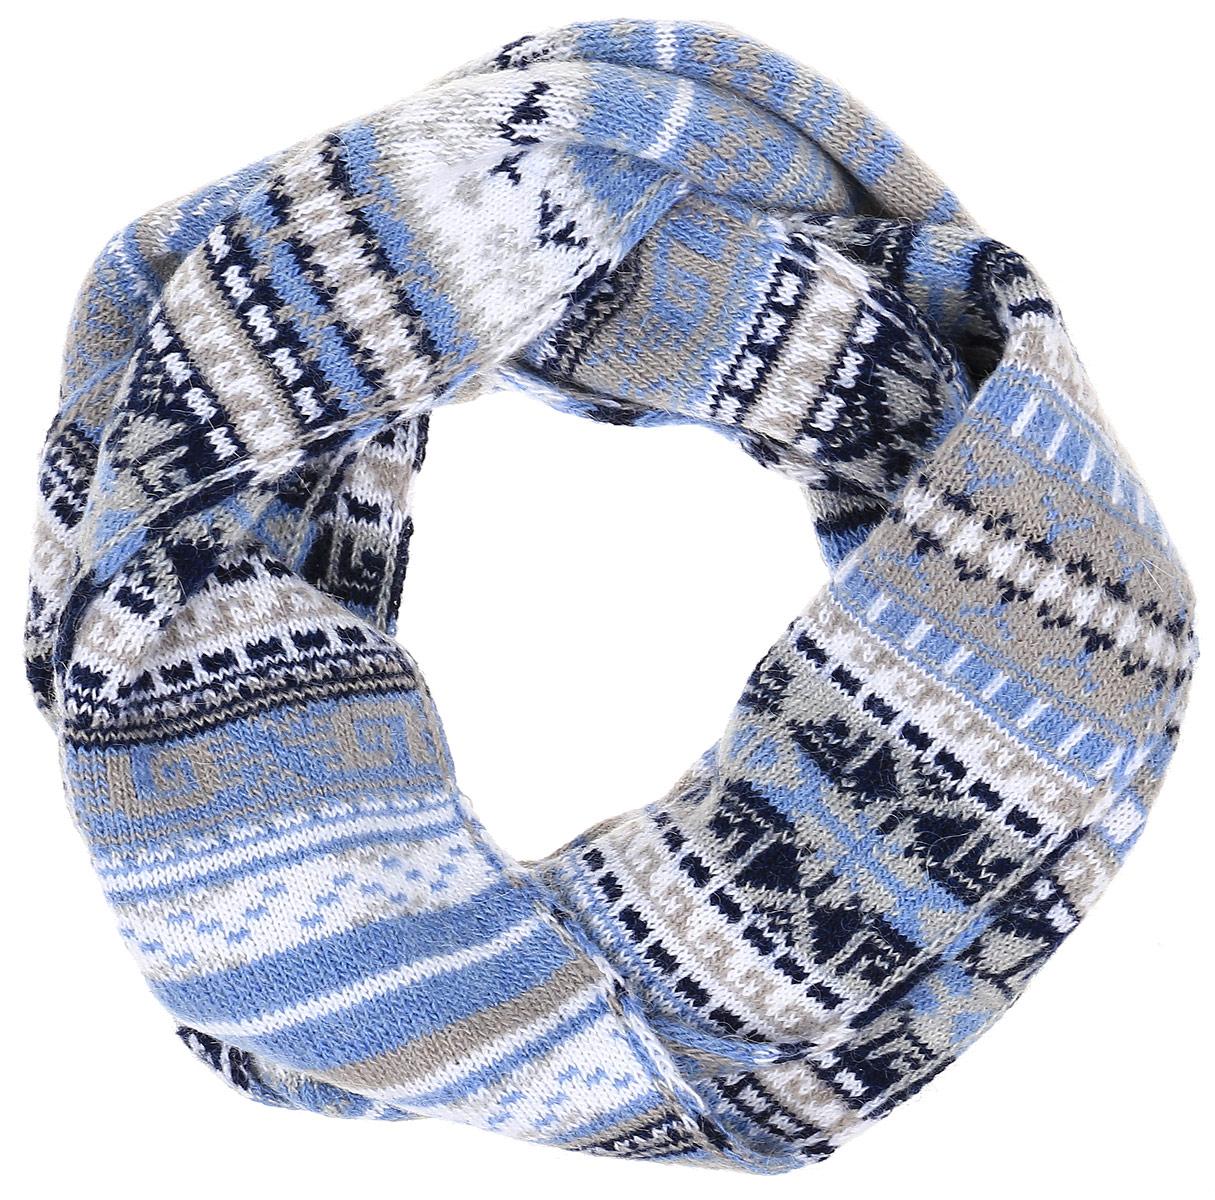 Шарф женский Finn Flare, цвет: голубой, серый. W16-12120_211. Размер 160 см х 22 смW16-12120_211Шарф Finn Flare станет отличным дополнением к вашему гардеробу в холодную погоду. Шарф, выполненный из акрила с добавлением альпаки и шерсти, очень мягкий, теплый и приятный на ощупь. Модель оформлена оригинальным принтом и дополнена металлической пластиной с названием бренда.Современный дизайн и расцветка делают этот шарф модным и стильным аксессуаром. Он подарит вам ощущение тепла, комфорта и уюта.